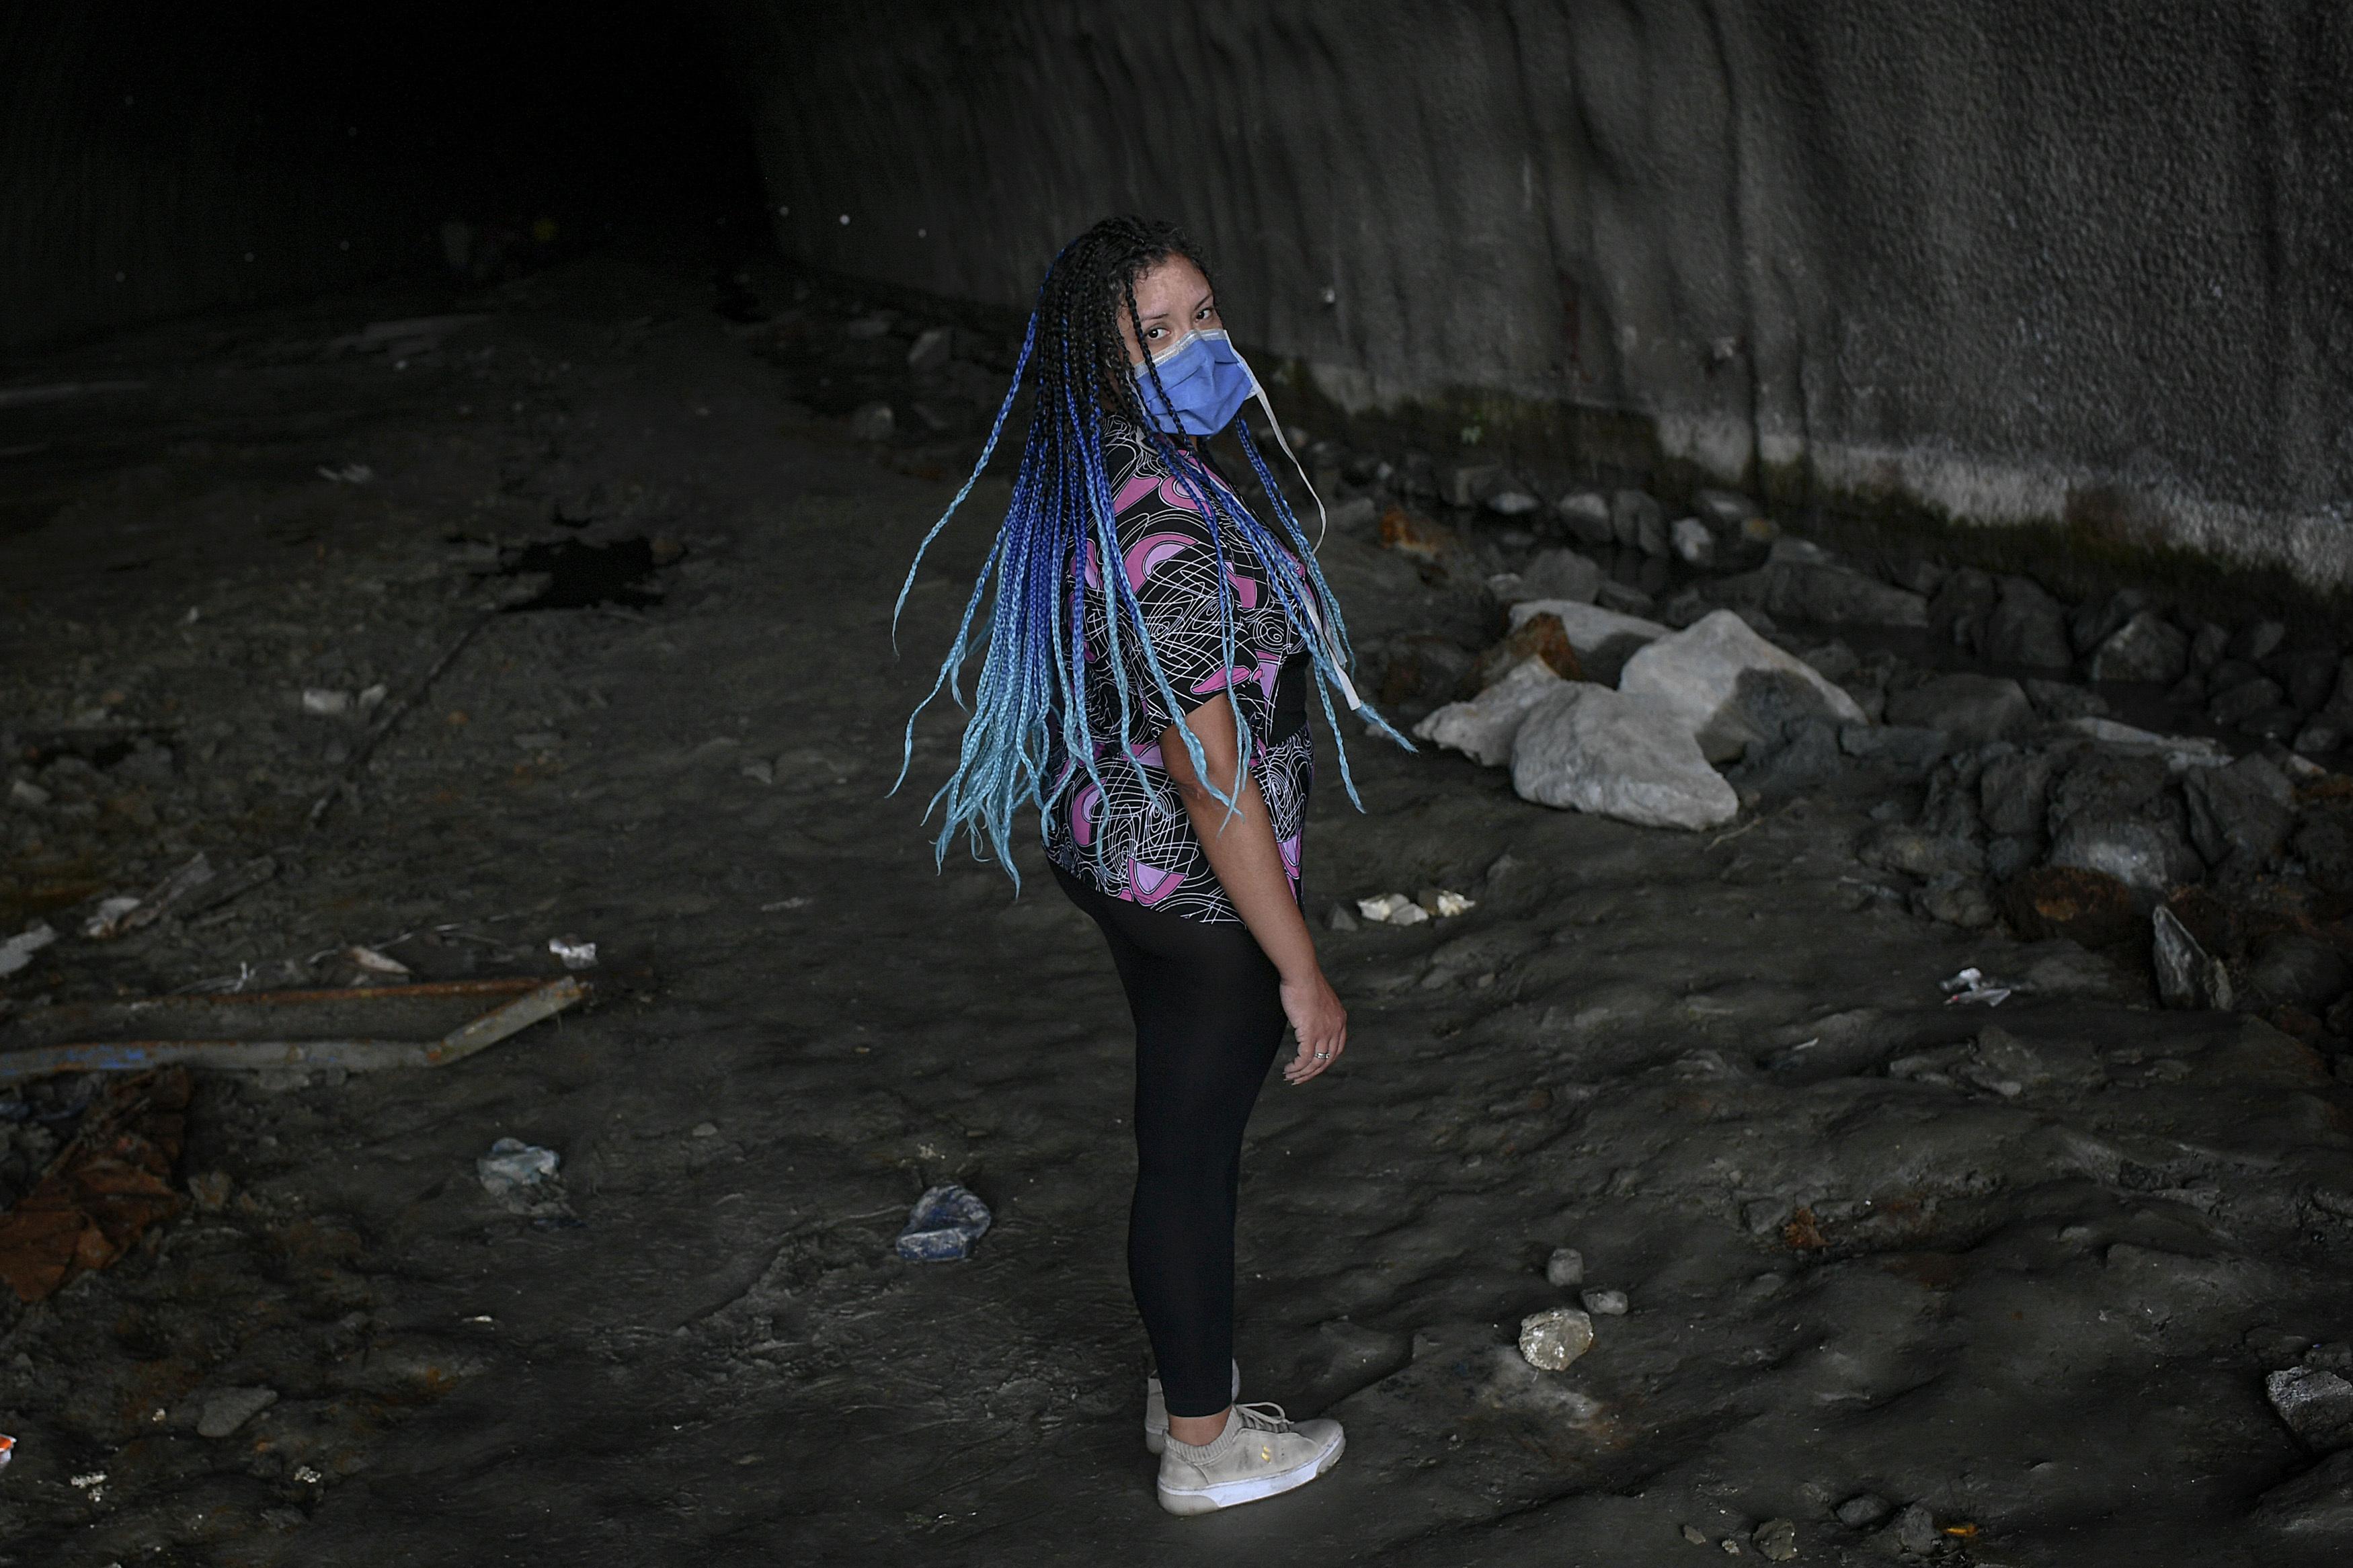 Una mujer con mascarilla se gira tras ser llamada por un amigo, en el túnel de la autopista Baralt en Caracas, Venezuela, el 7 de junio de 2020. Sin agua potable distribuida por el gobierno, los vecinos del vecindario de Esperanza se han organizado para buscar su propio suministro, aprovechando el agua almacenada en el interior de un túnel inacabado. (AP Foto/Matías Delacroix)